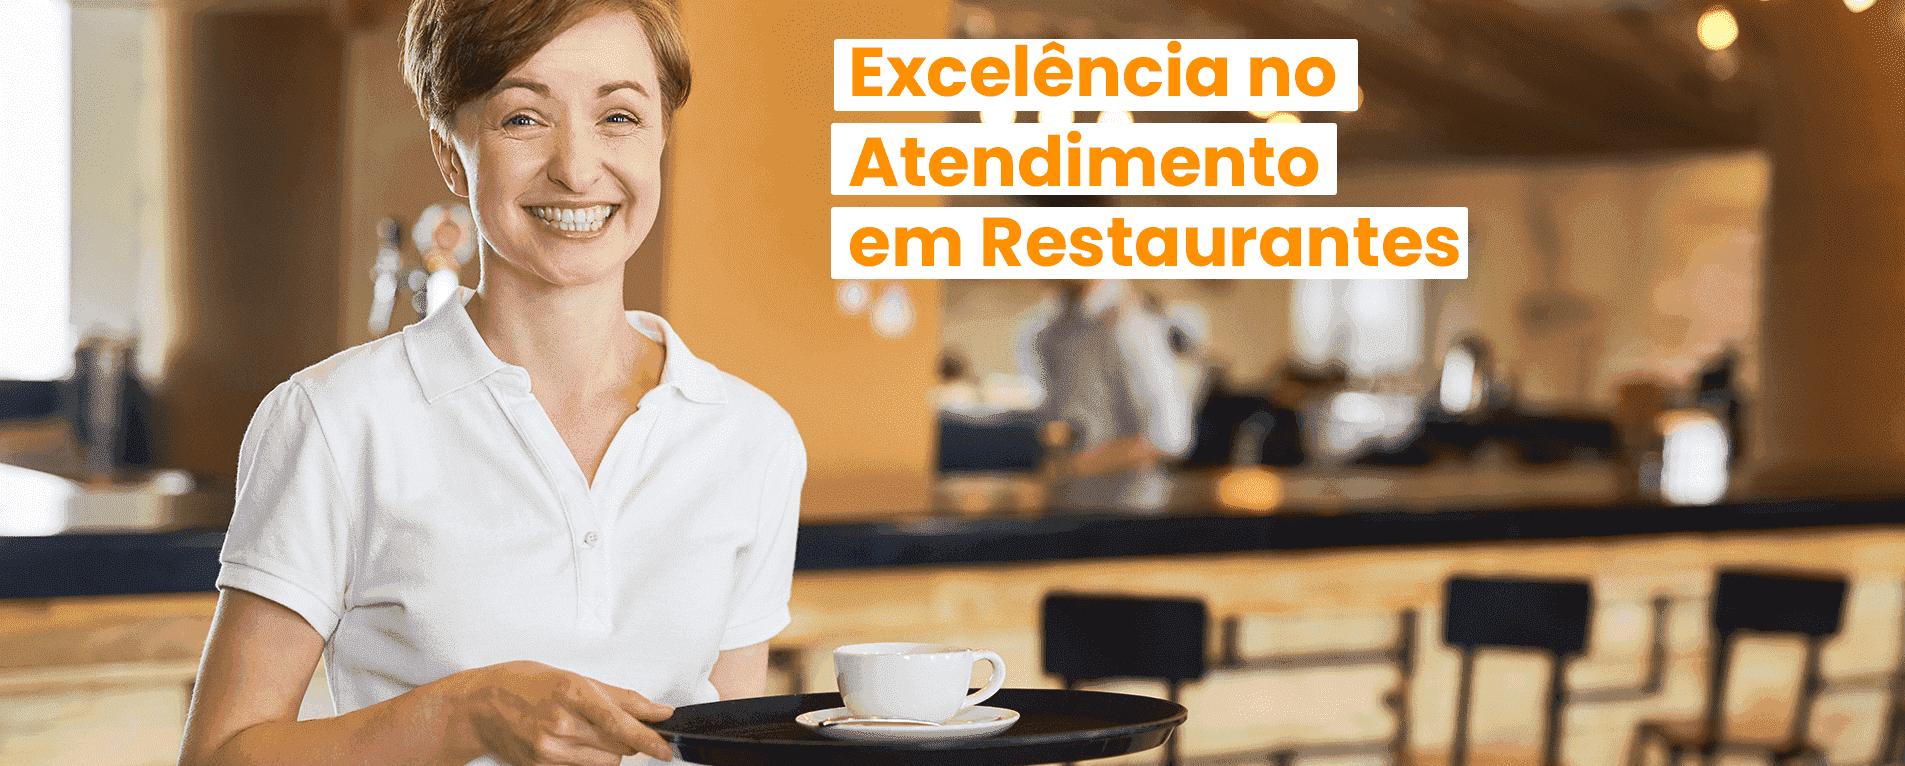 12 Dicas para ter Excelência no Atendimento em Restaurantes